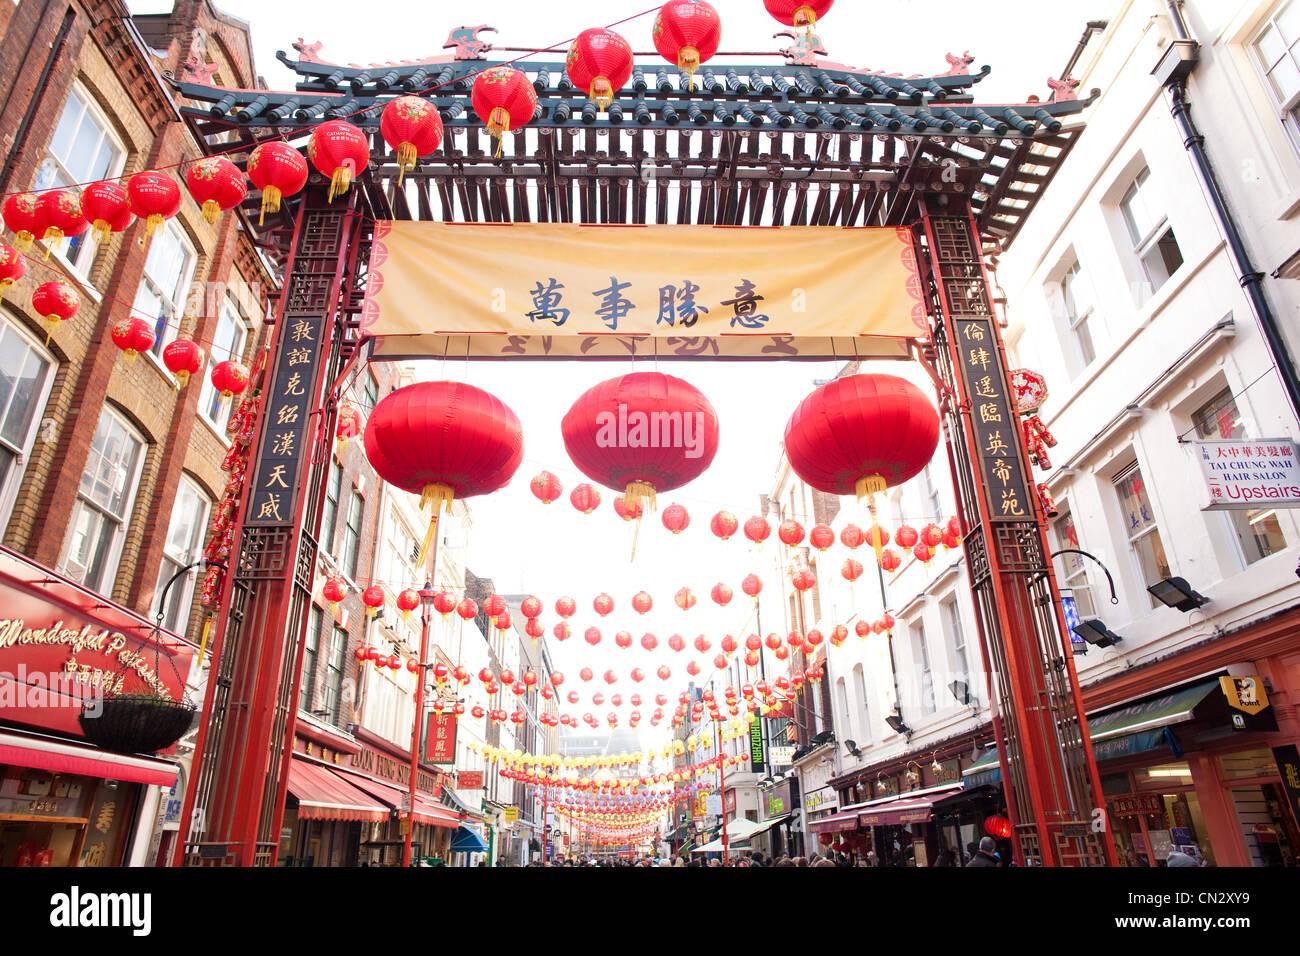 Chinese New Year, China Town, London Stockbild